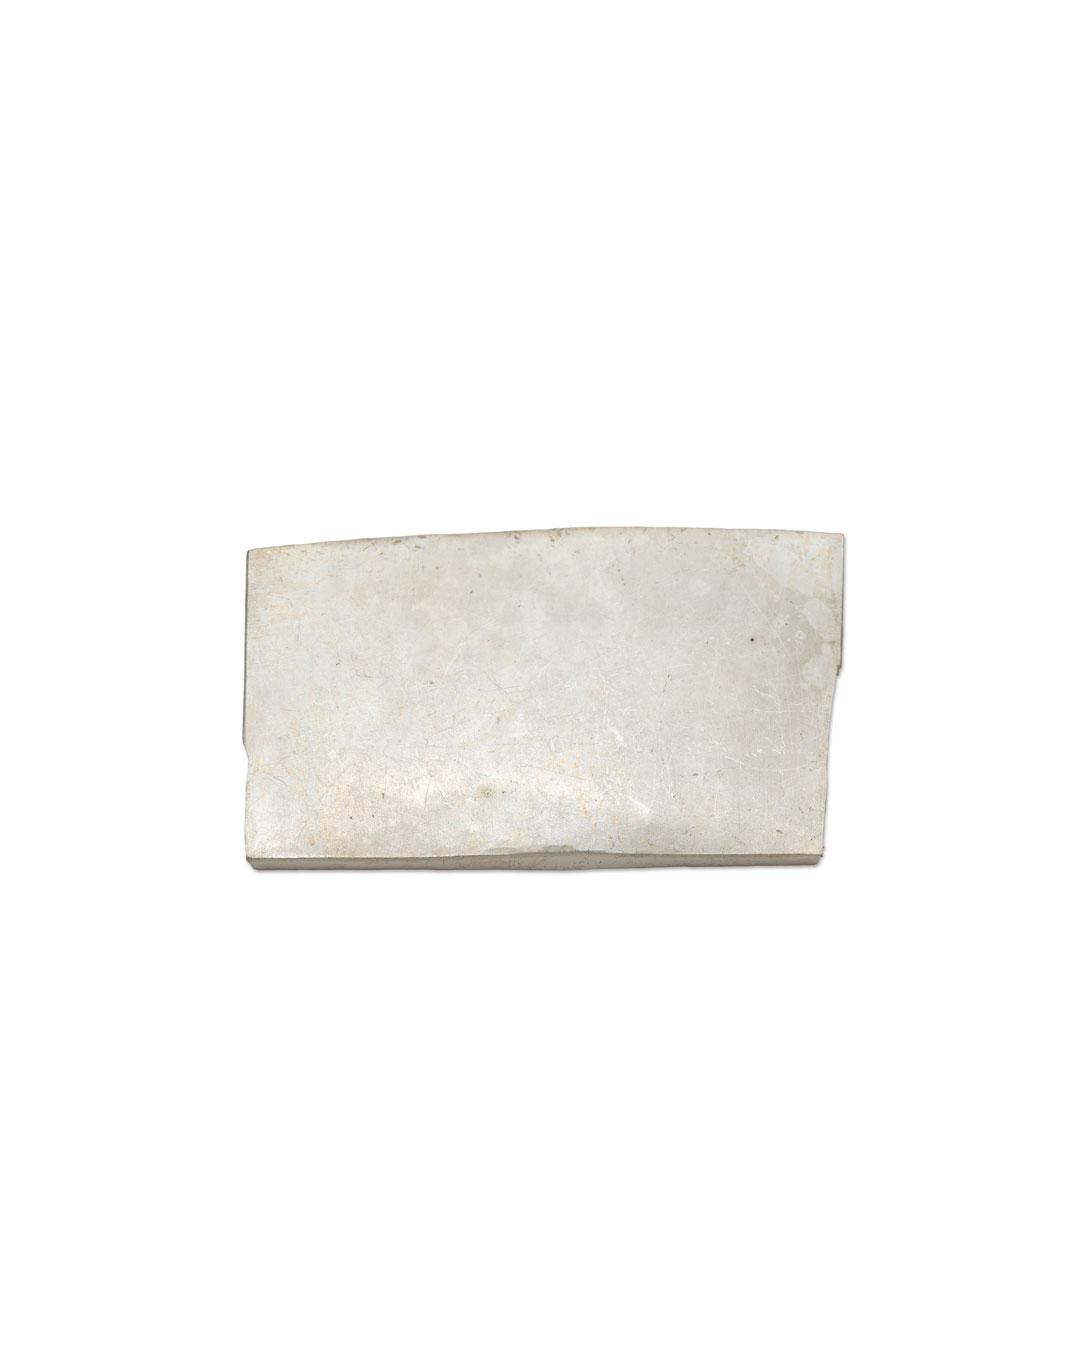 Noam Elyashiv, untitled, 2016, brooch; reclaimed silver, 50 x 28 x 3 mm, €1150